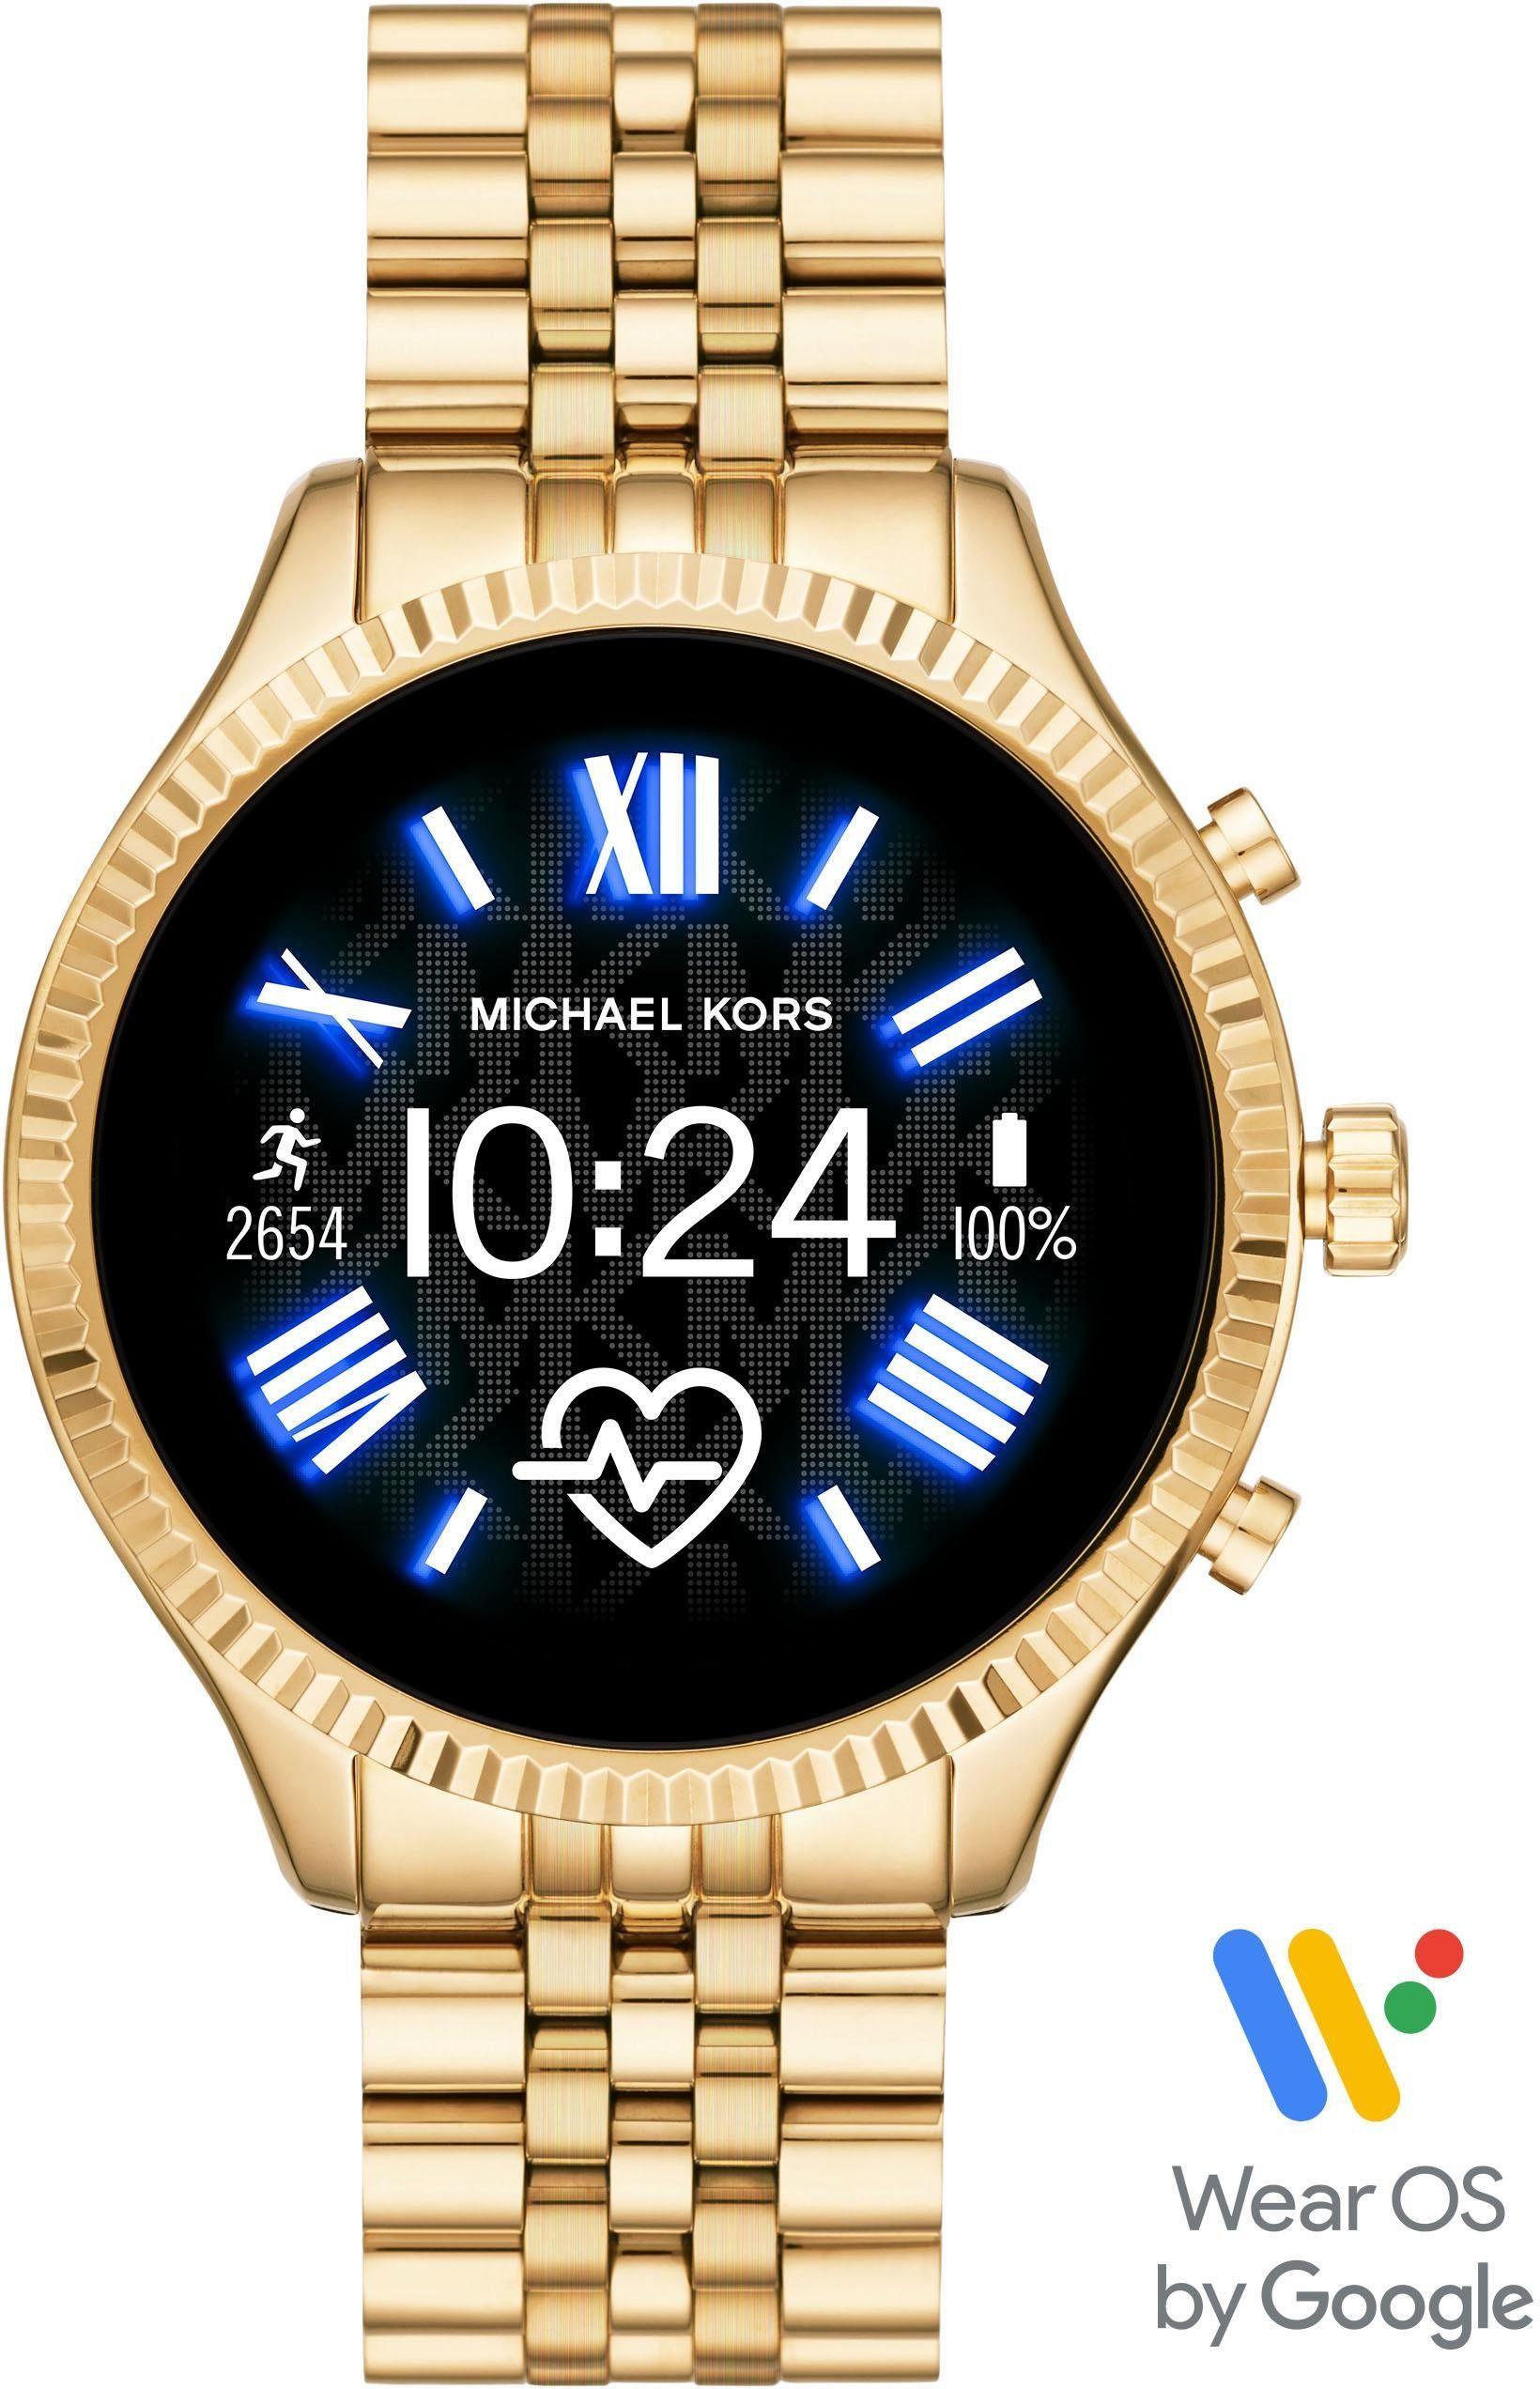 MICHAEL KORS ACCESS LEXINGTON 2, MKT5078 Smartwatch ( 1,19 Zoll, Wear OS by Google) | Uhren > Smartwatches | Michael Kors Access